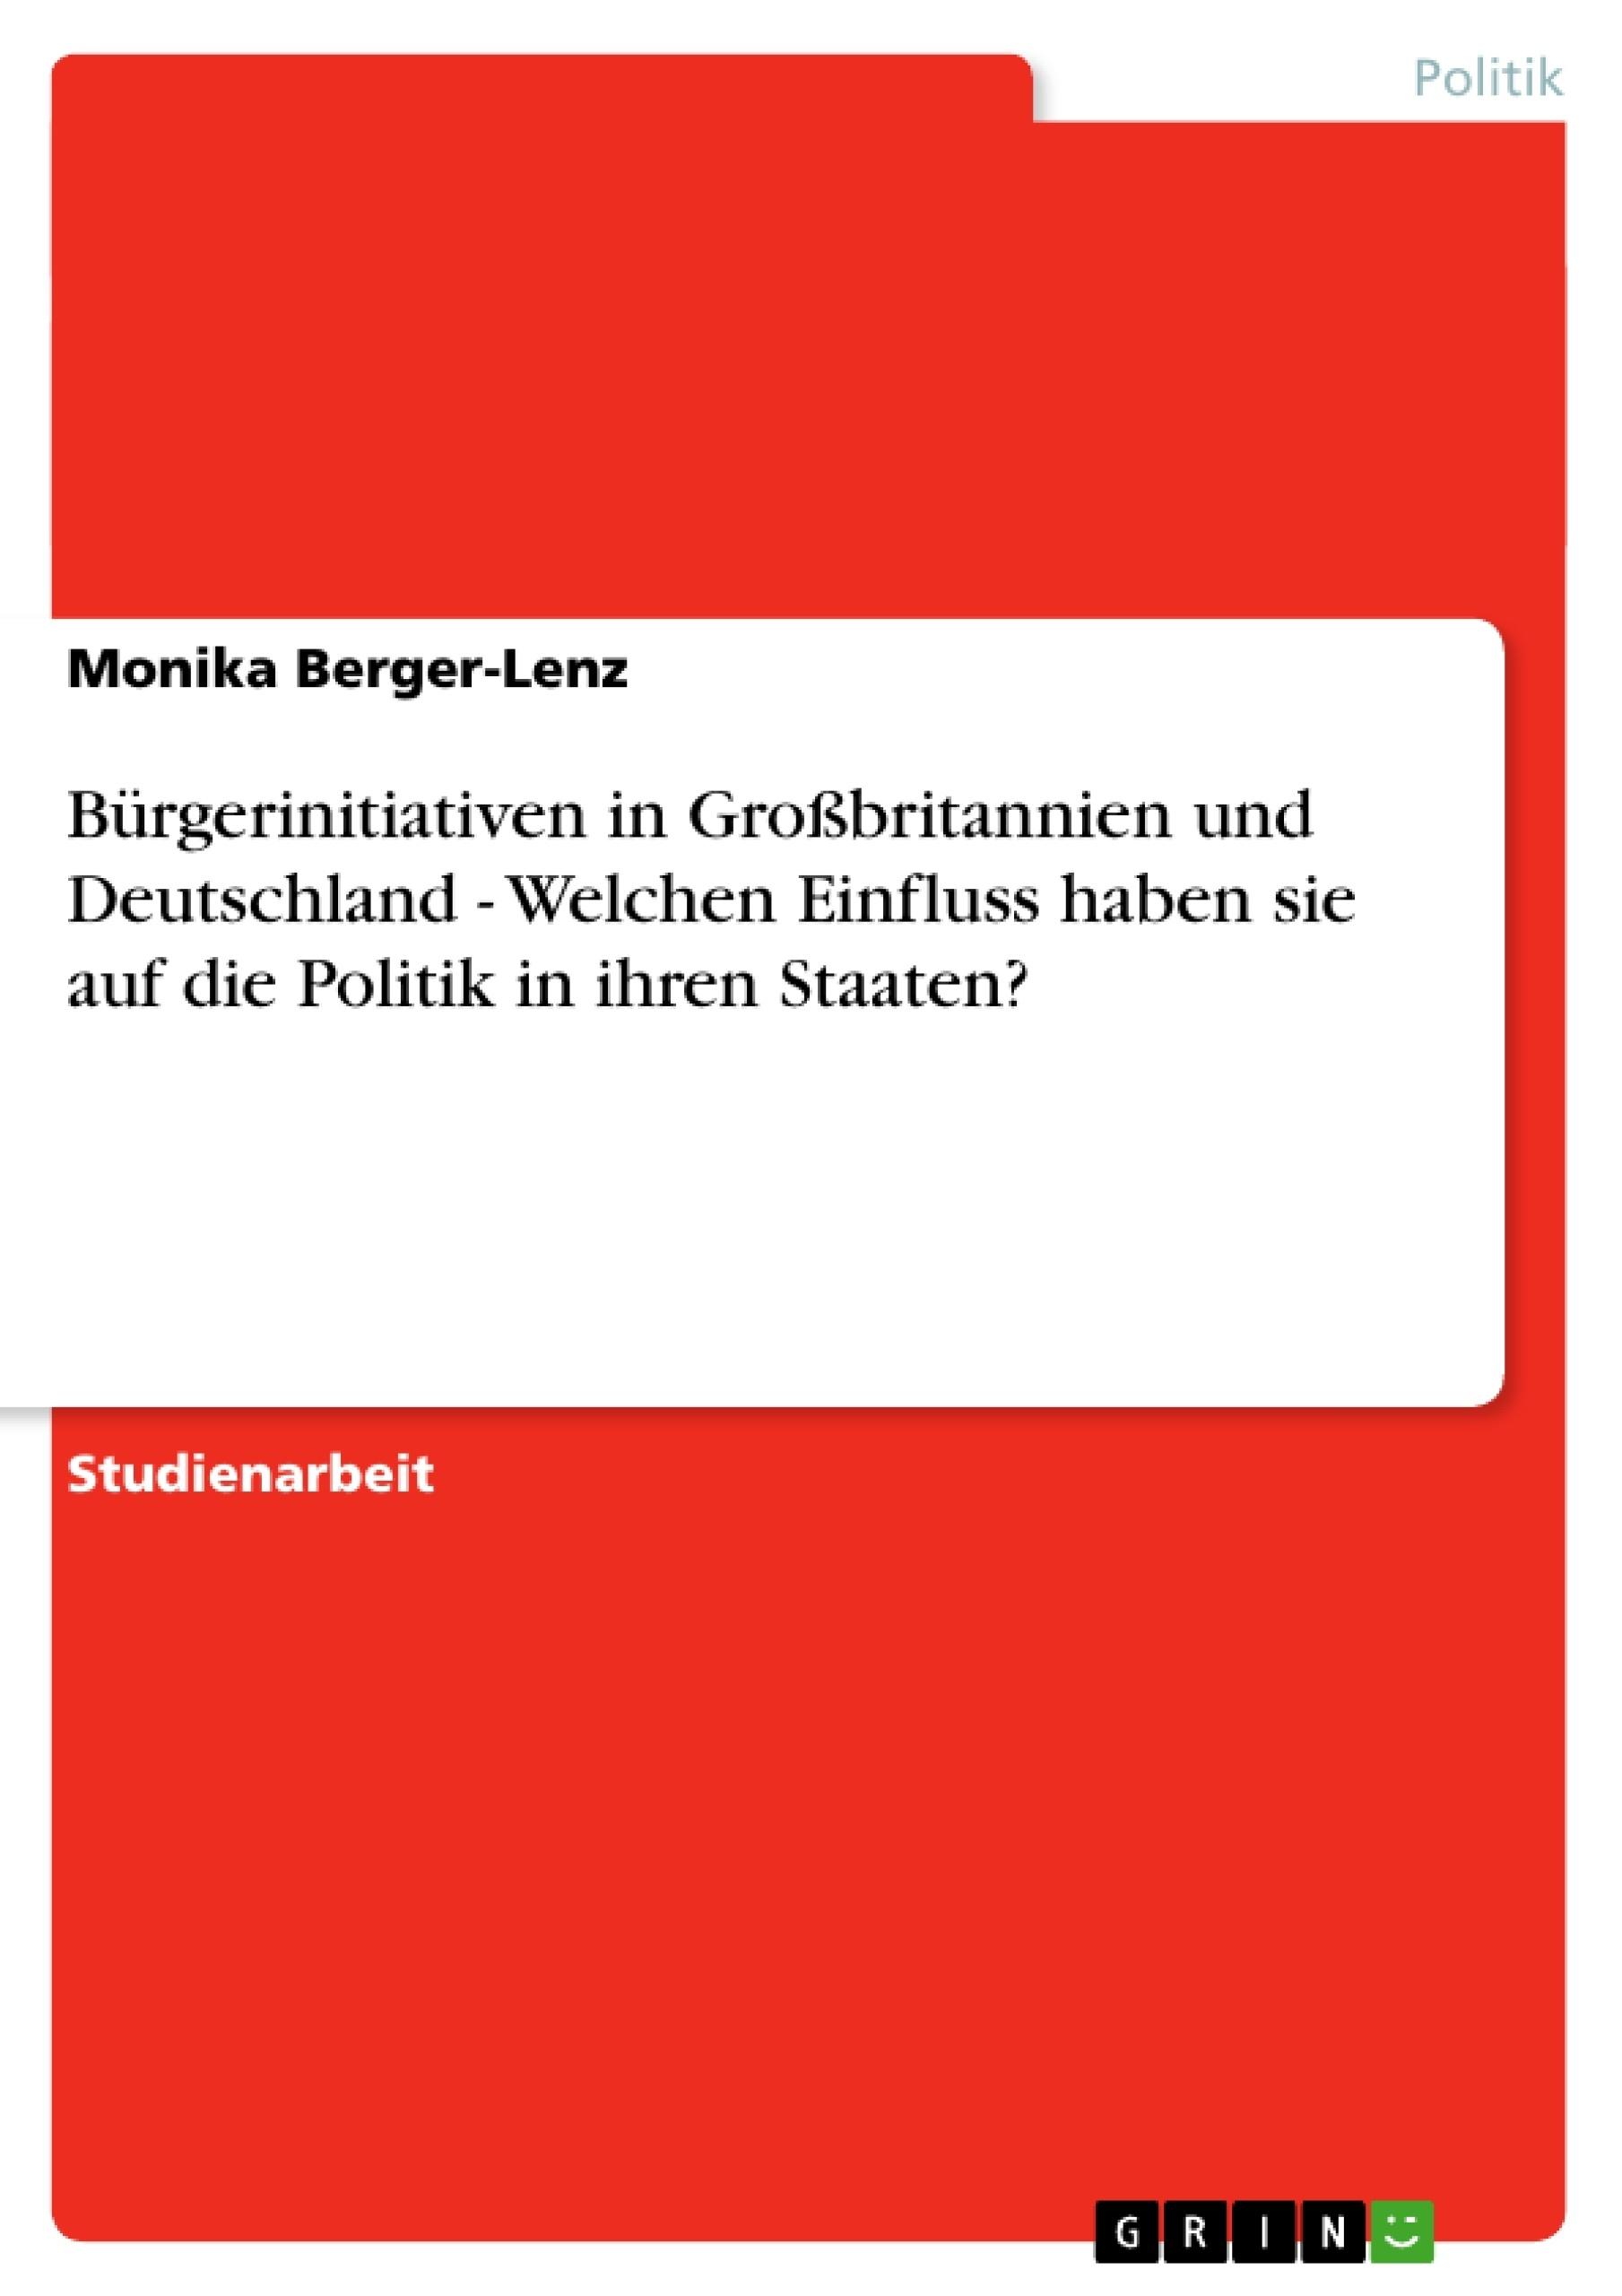 Titel: Bürgerinitiativen in Großbritannien und Deutschland - Welchen Einfluss haben sie auf die Politik in ihren Staaten?